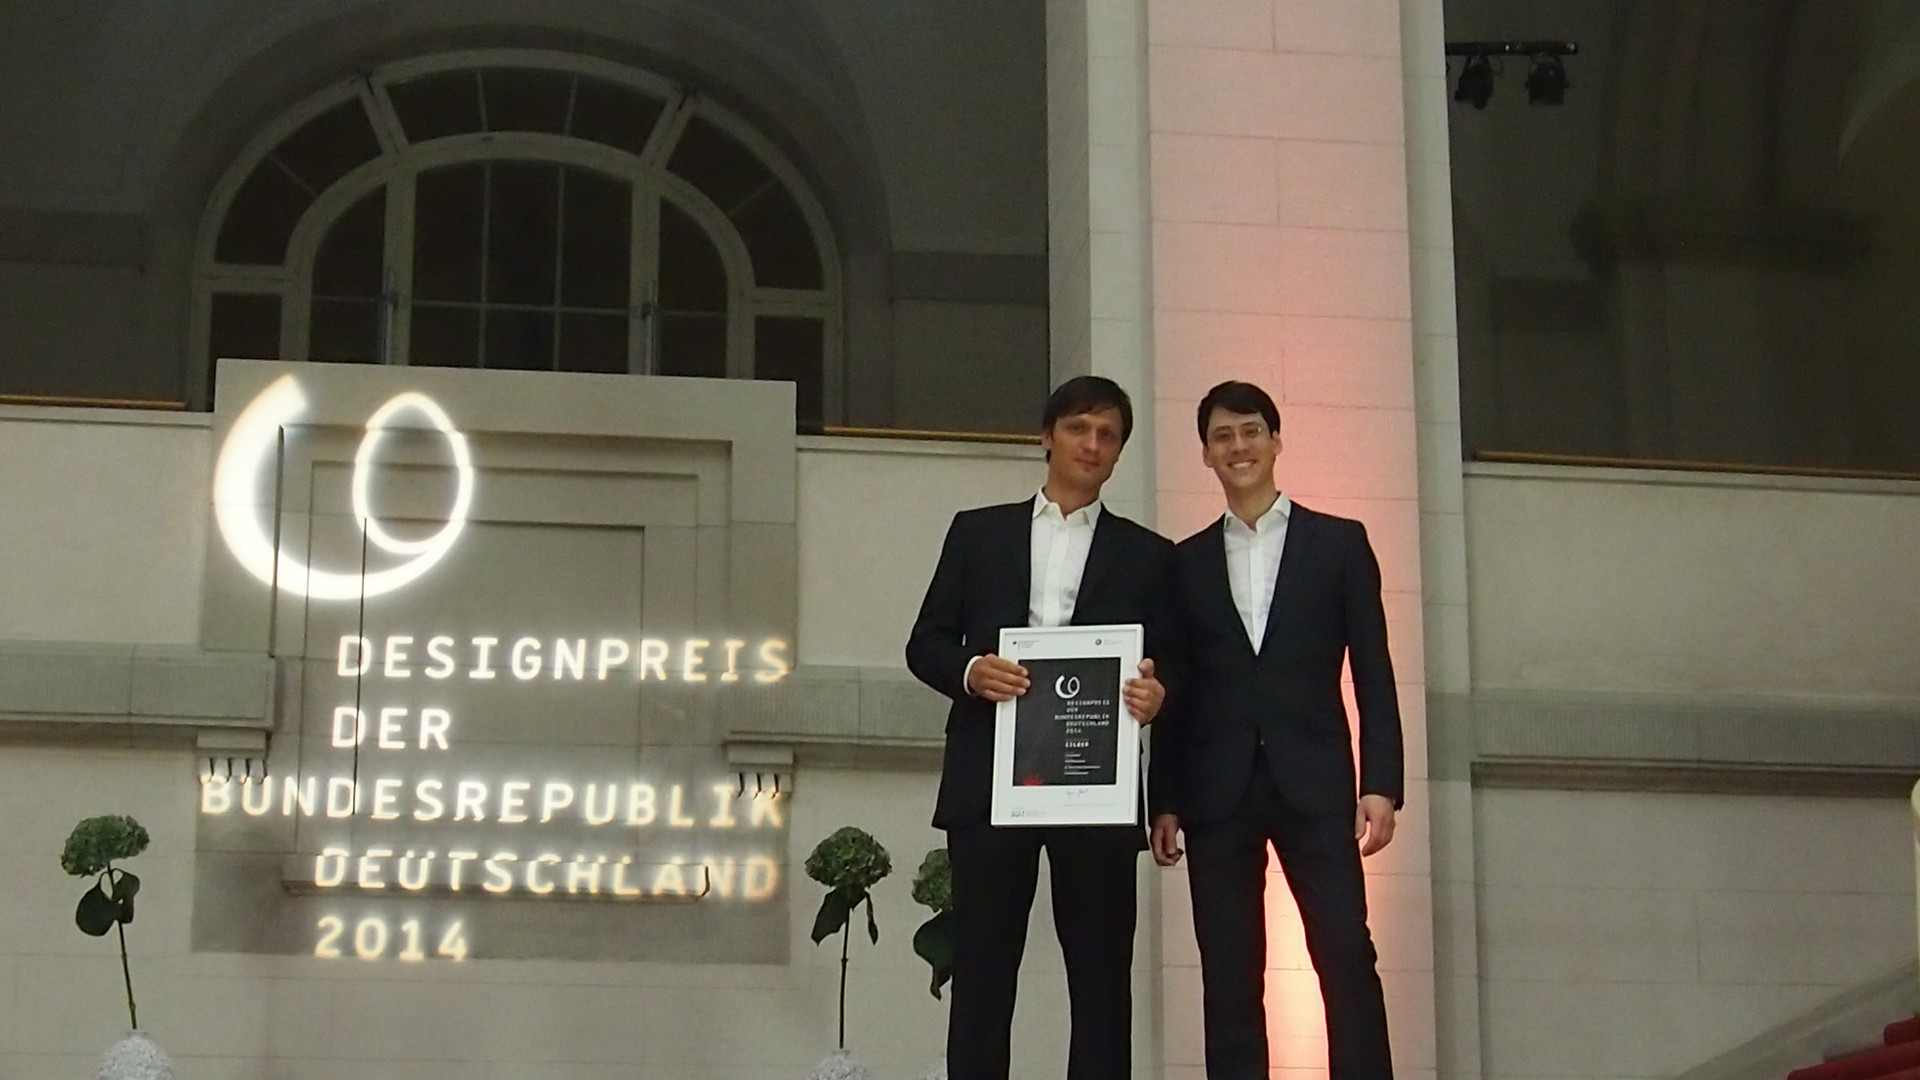 Designpreis der Bundesrepublik Deutschland 2014